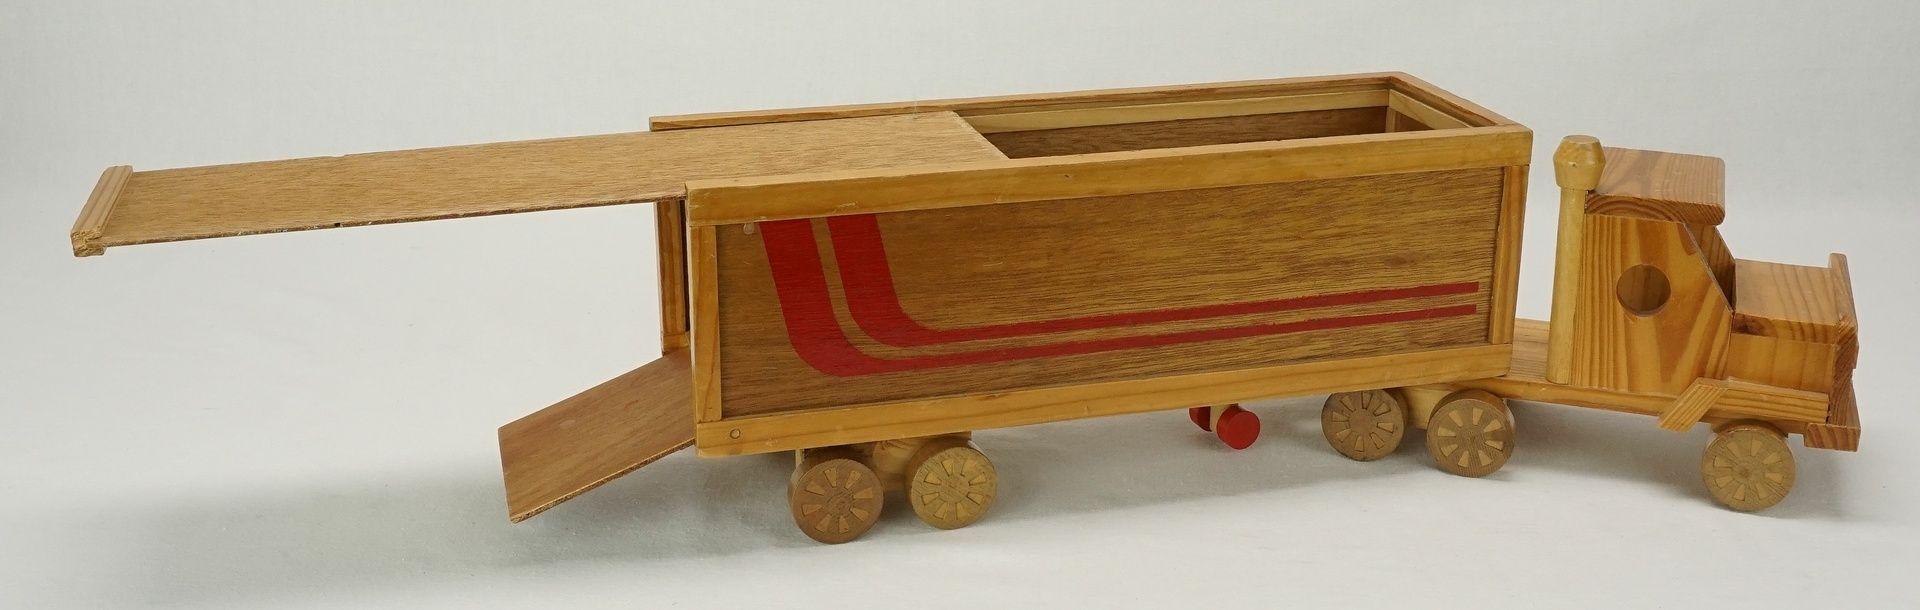 Holz Truck, 2. Hälfte 20. Jh. - Bild 3 aus 3